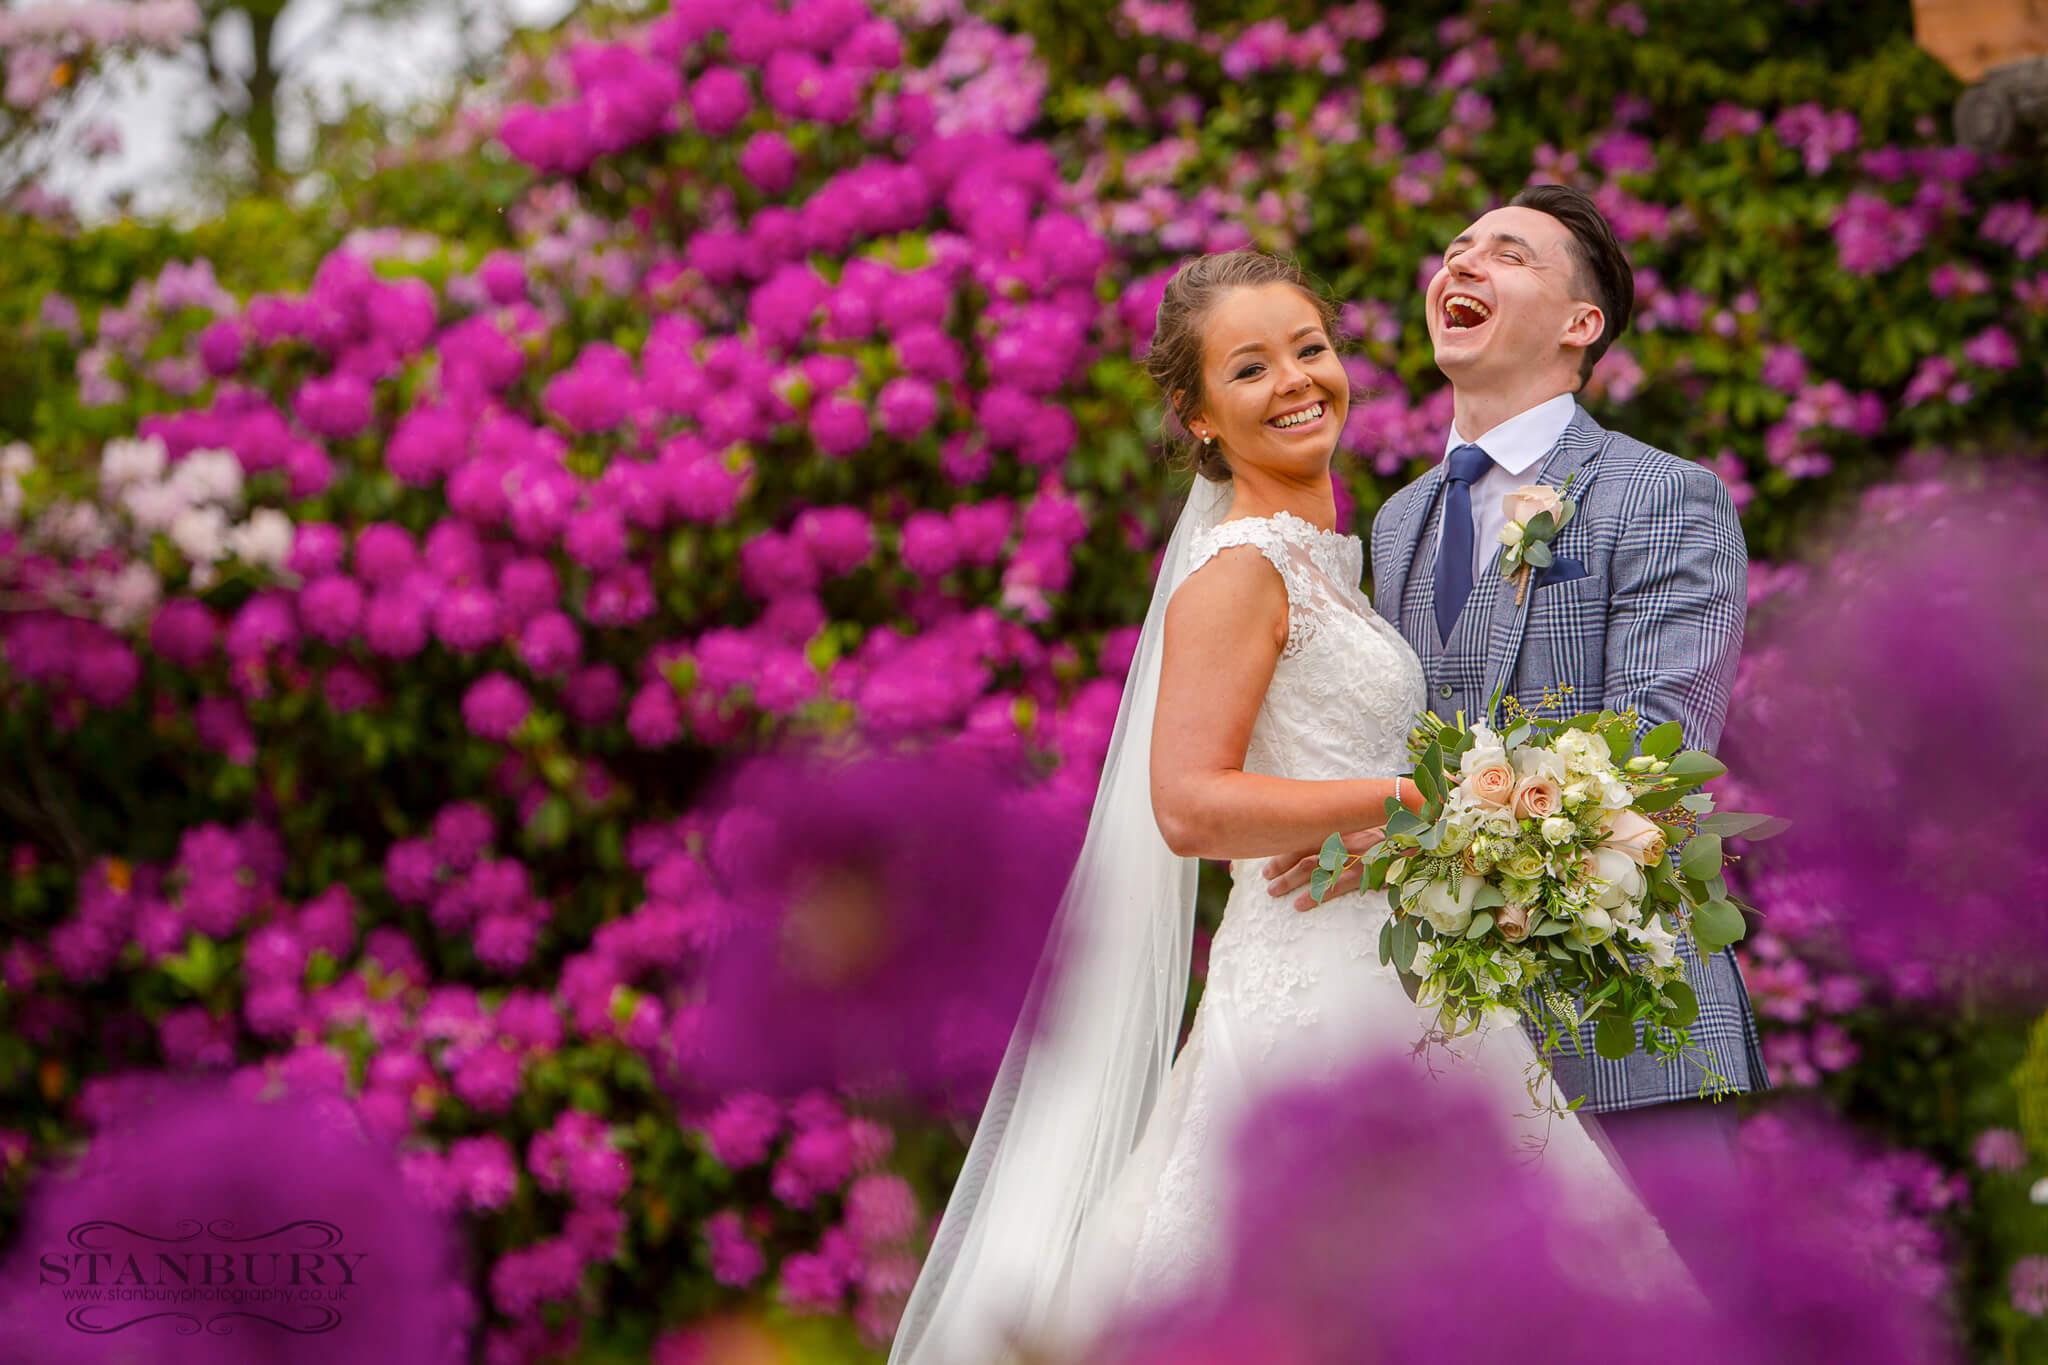 eaves-hall-wedding-photography-018